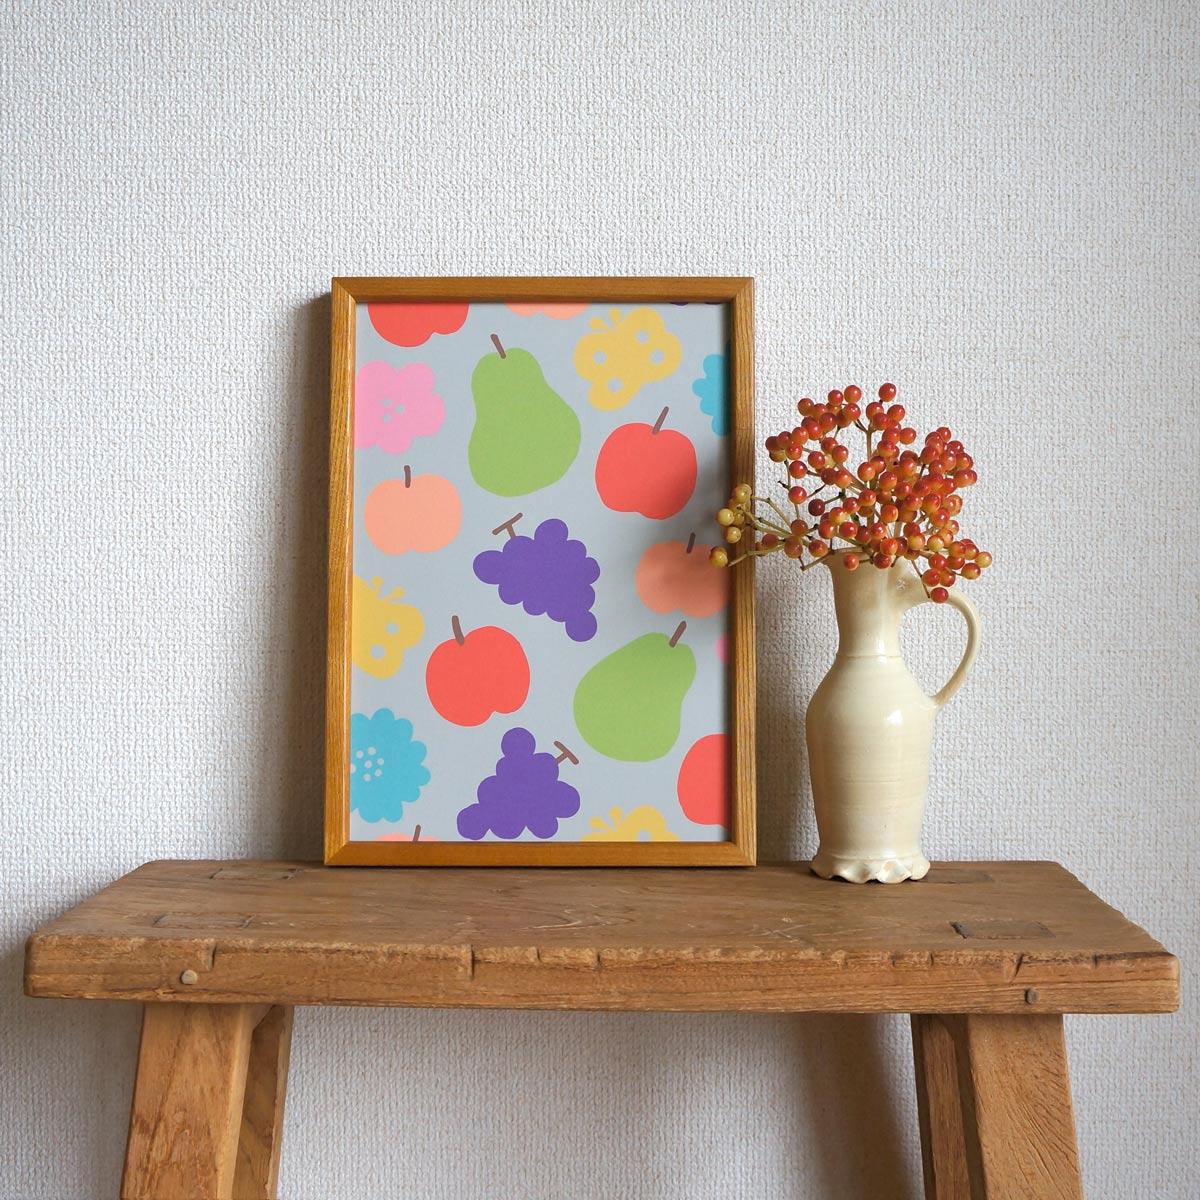 新作ポスター「花と果実と蝶模様」をお店に並べました☆彡